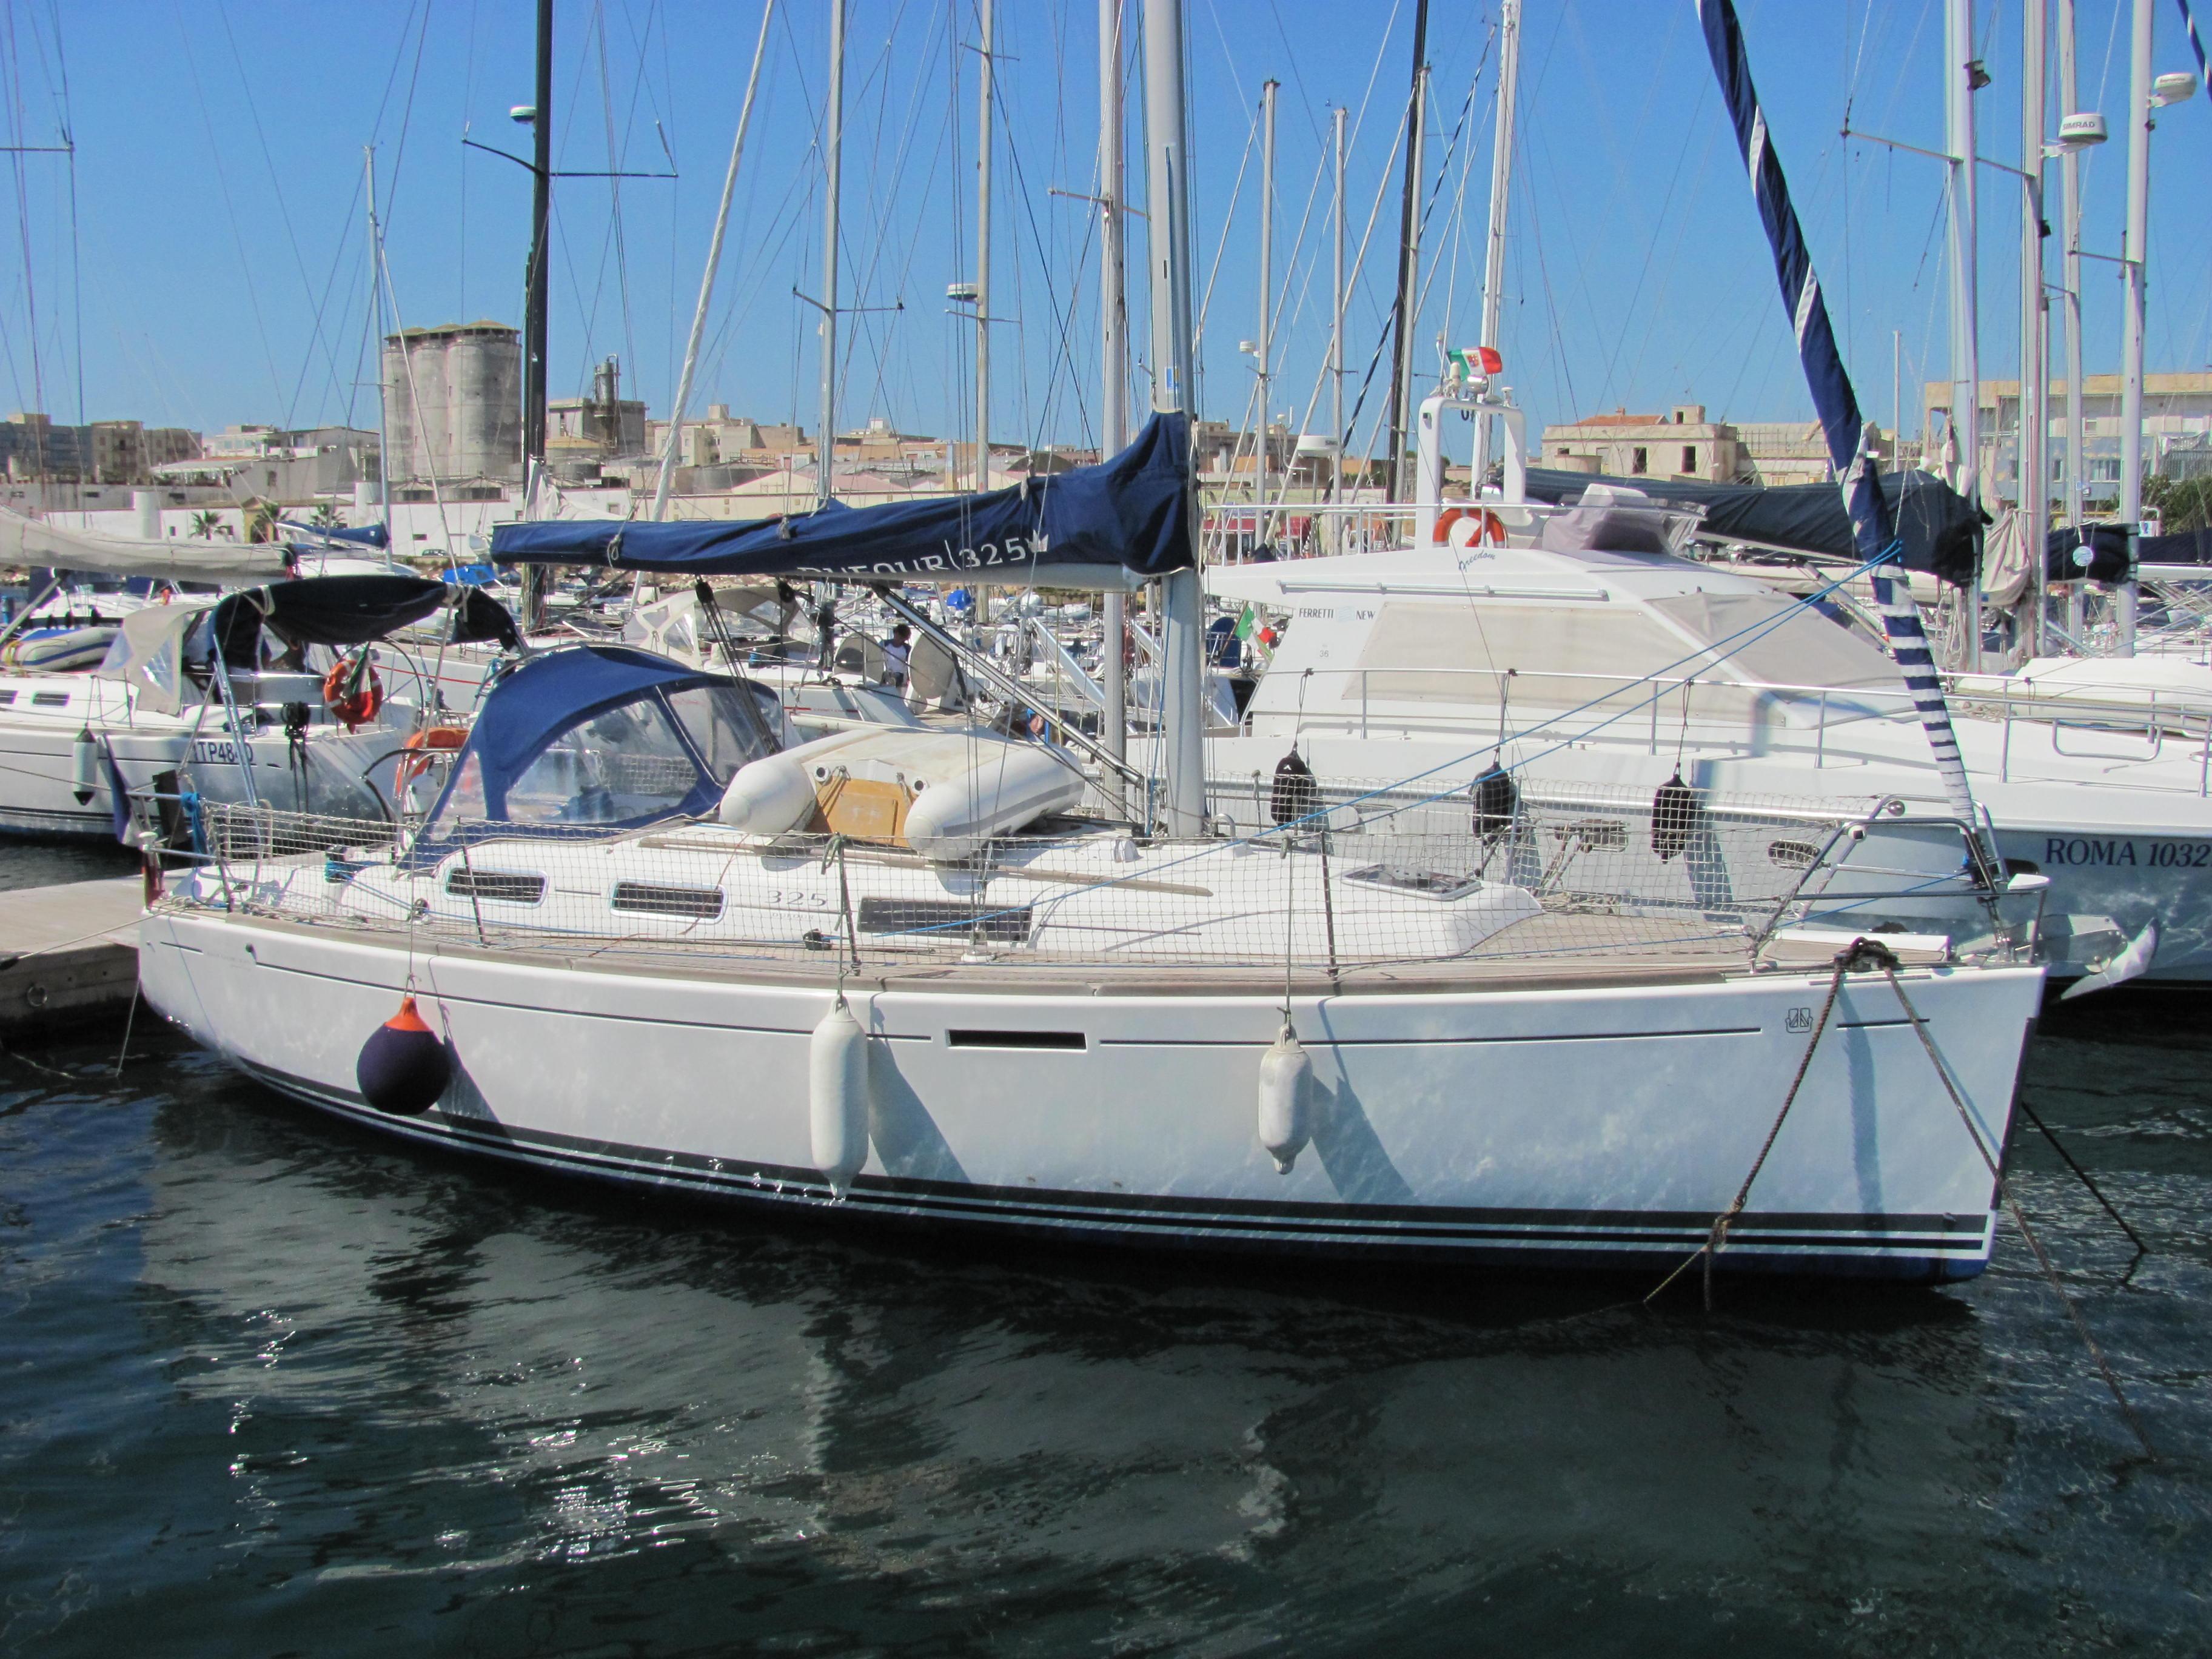 Quanto costa affitto barca a vela a trapani for Affitto arredato trapani